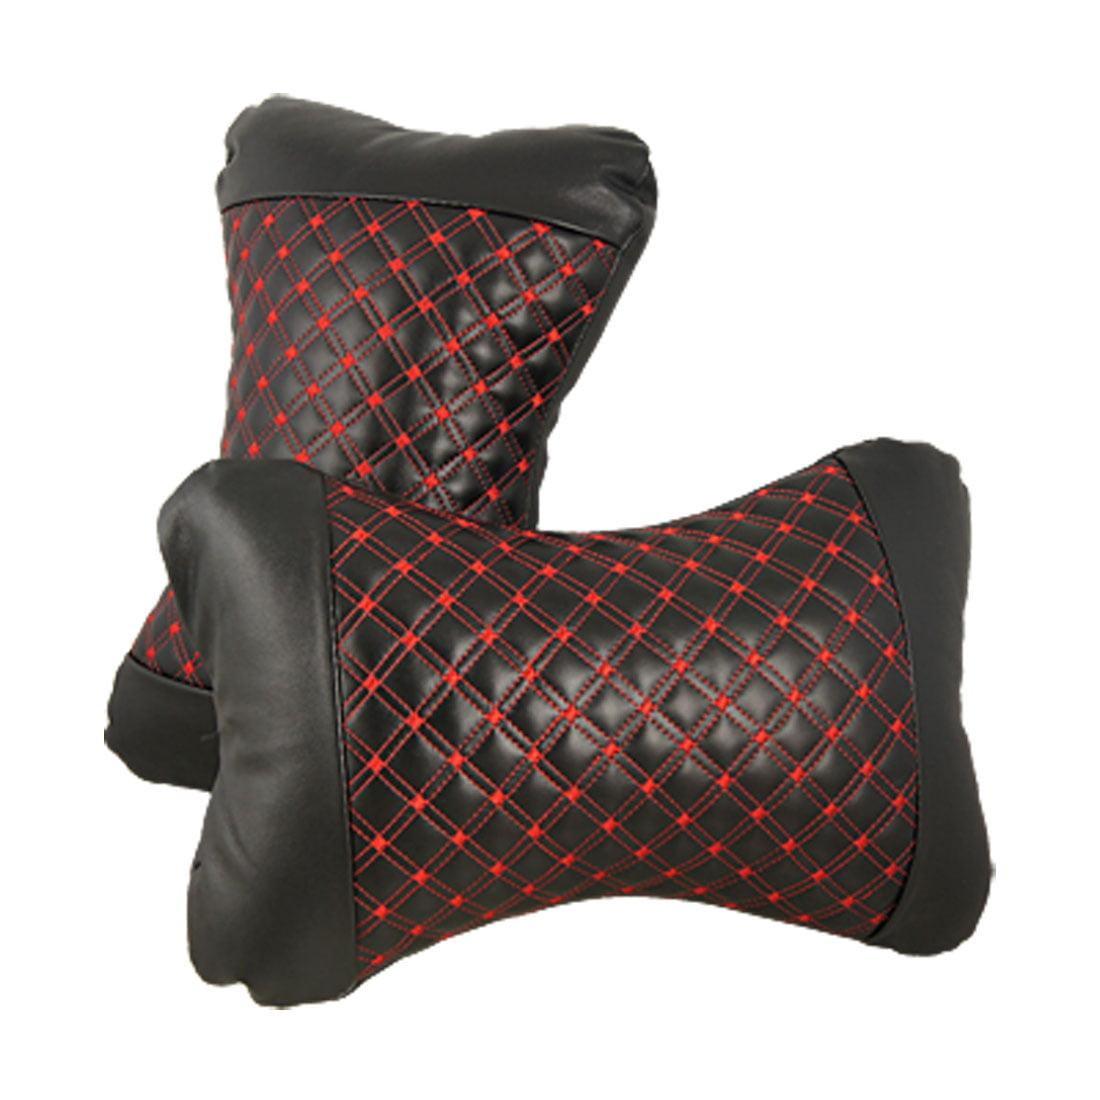 Unique Bargains 2 Pcs Bone Shaped Rhombus Pattern Black Faux Leather Car Neck Pillow